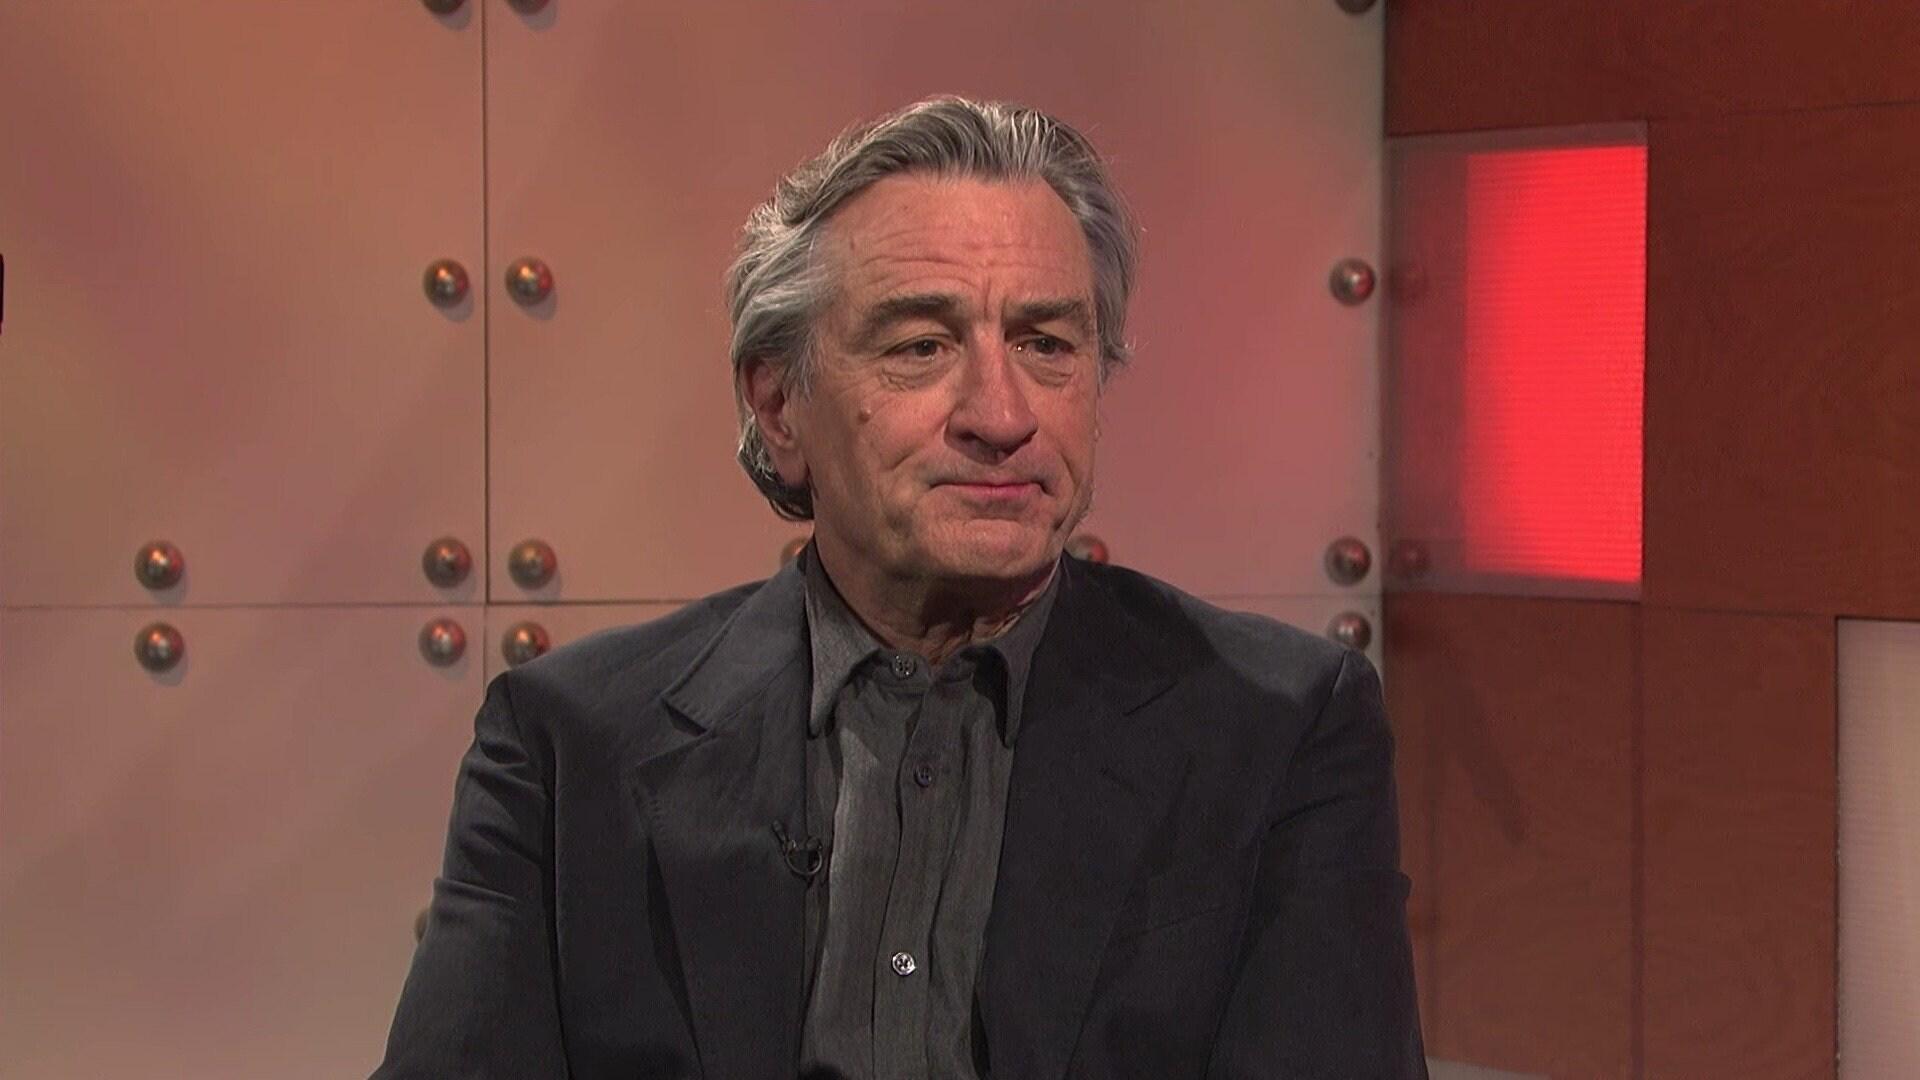 Robert De Niro: December 4, 2010